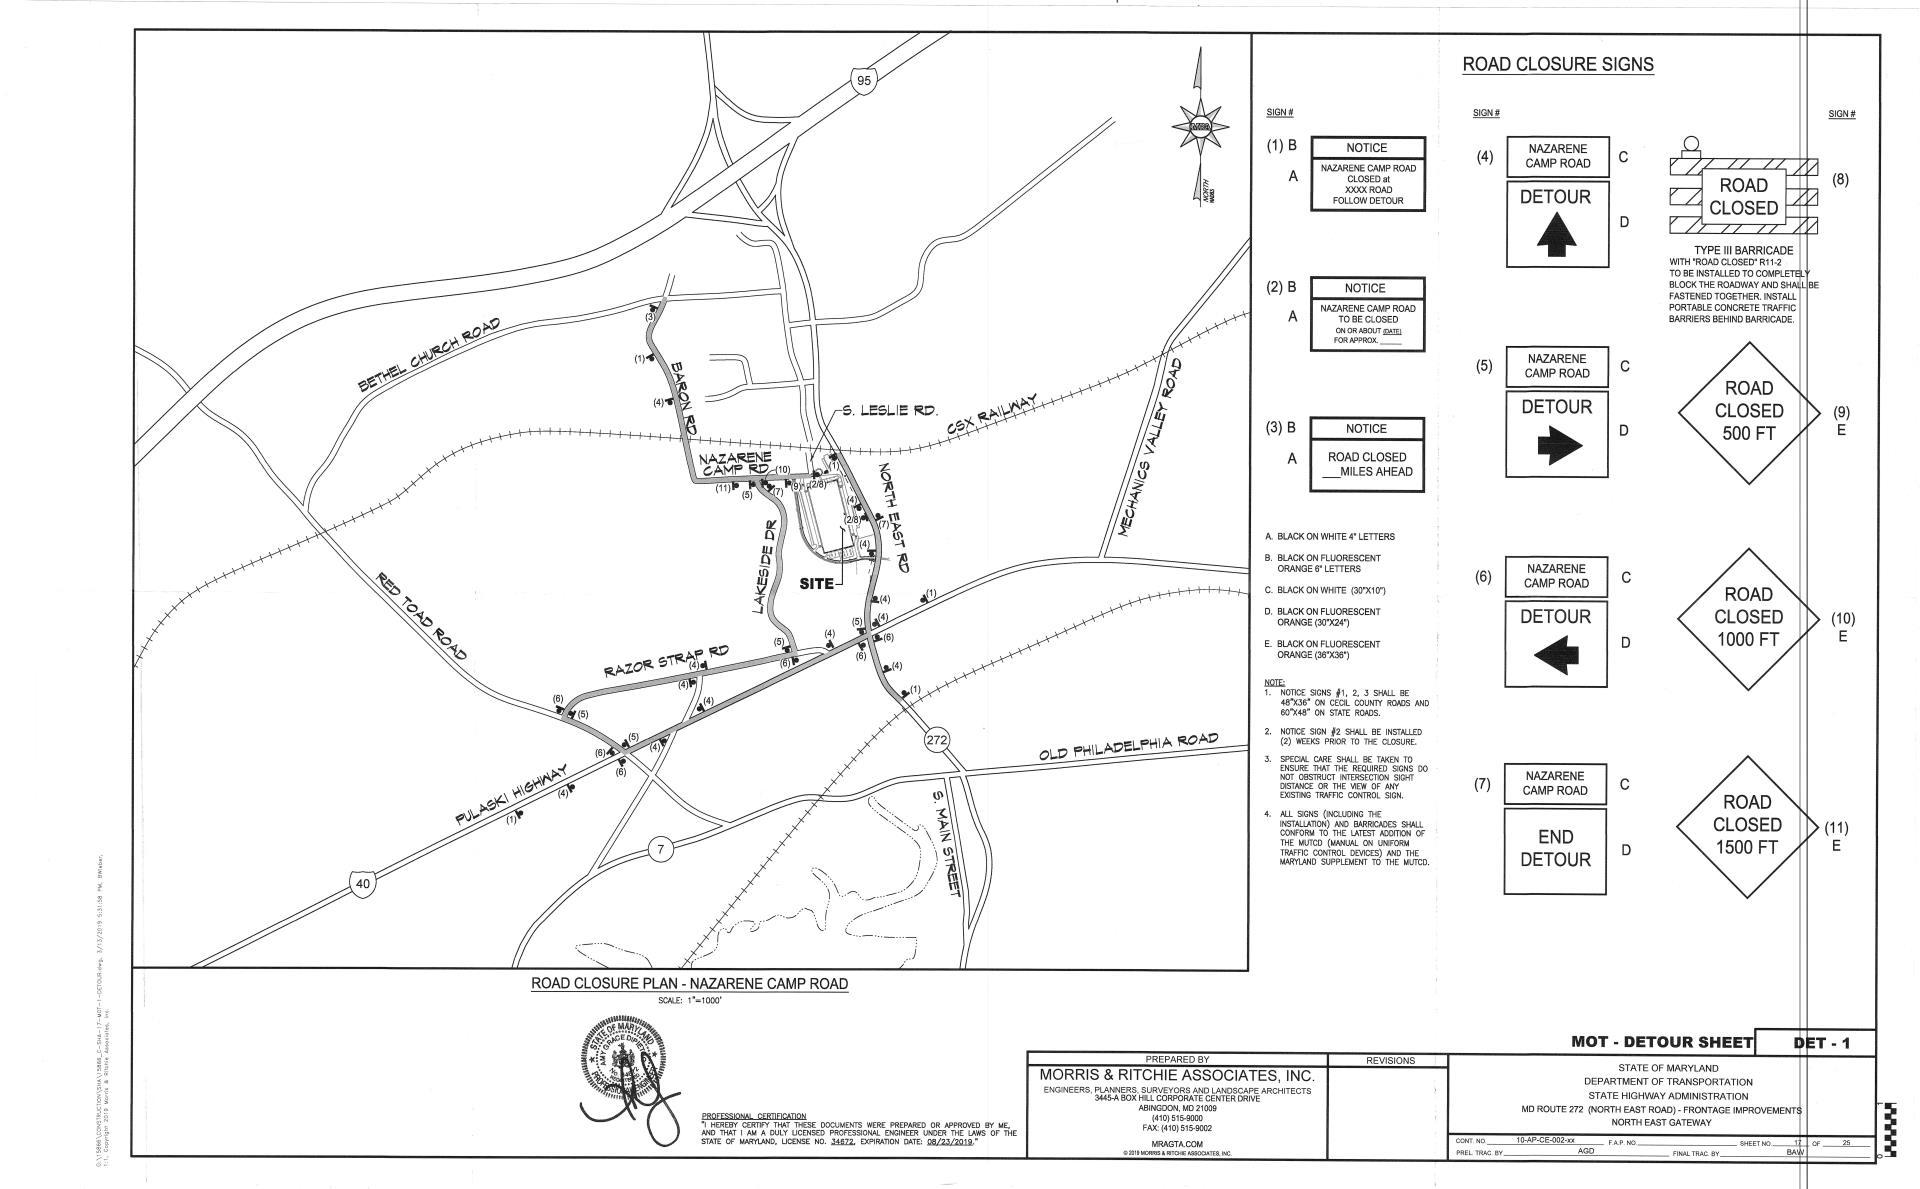 Nazarene Camp Road- Road Closure Plan